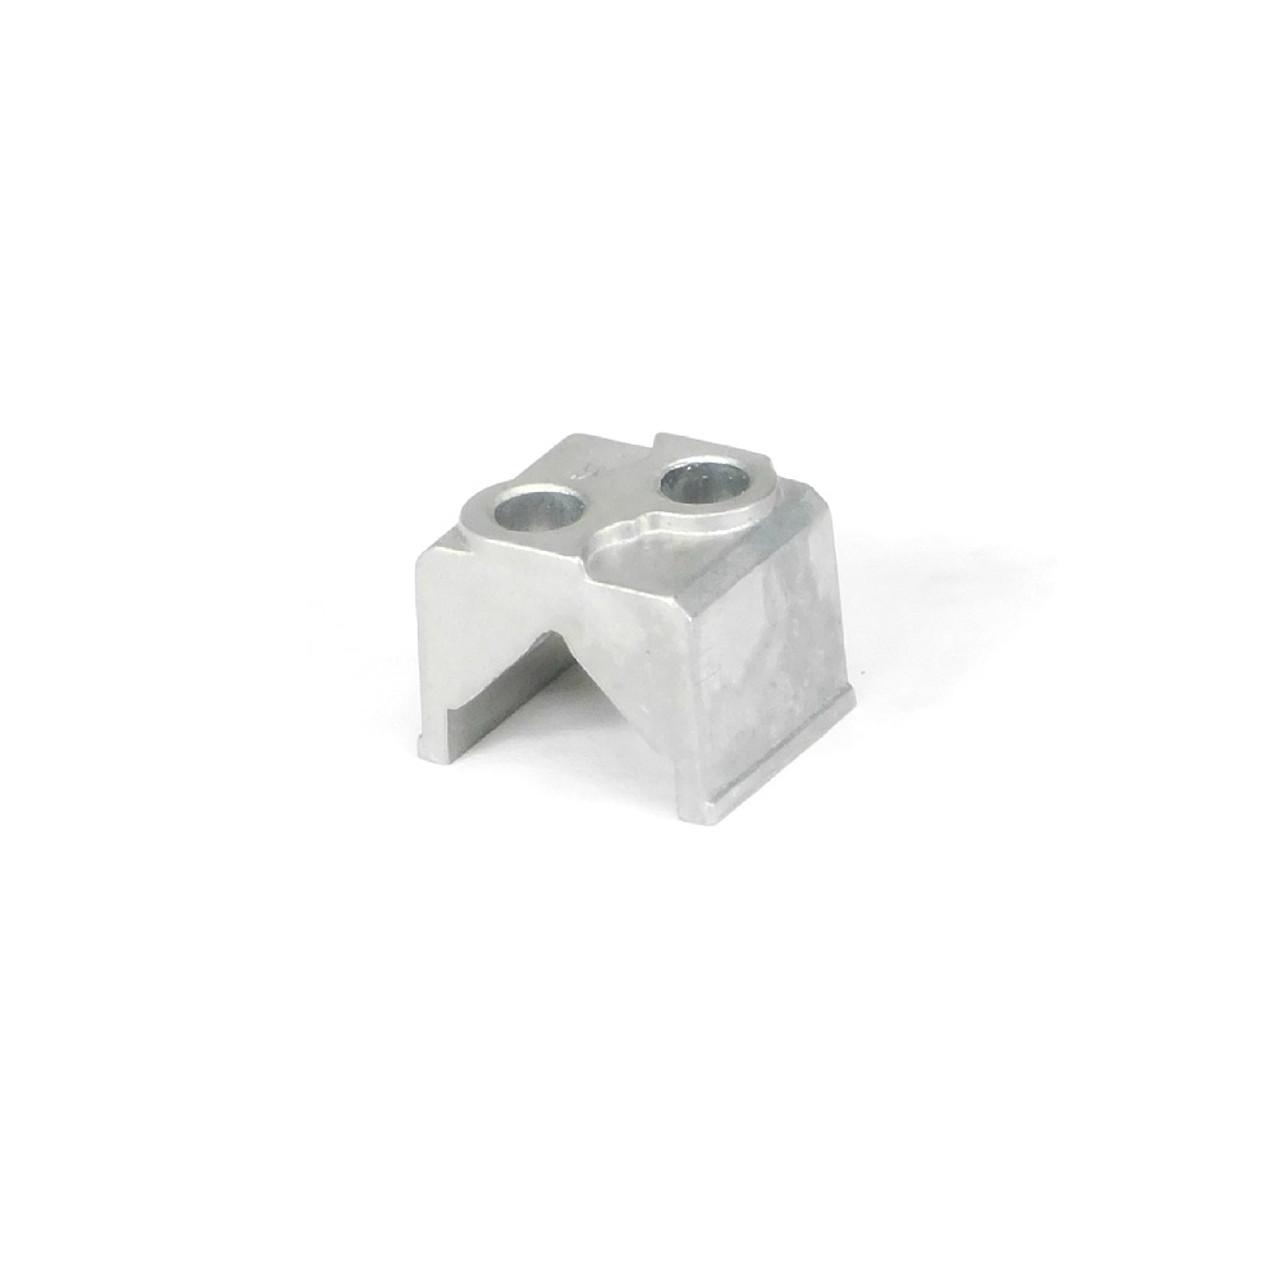 Black /& Decker OEM 90626615 HANDLE CLAMP